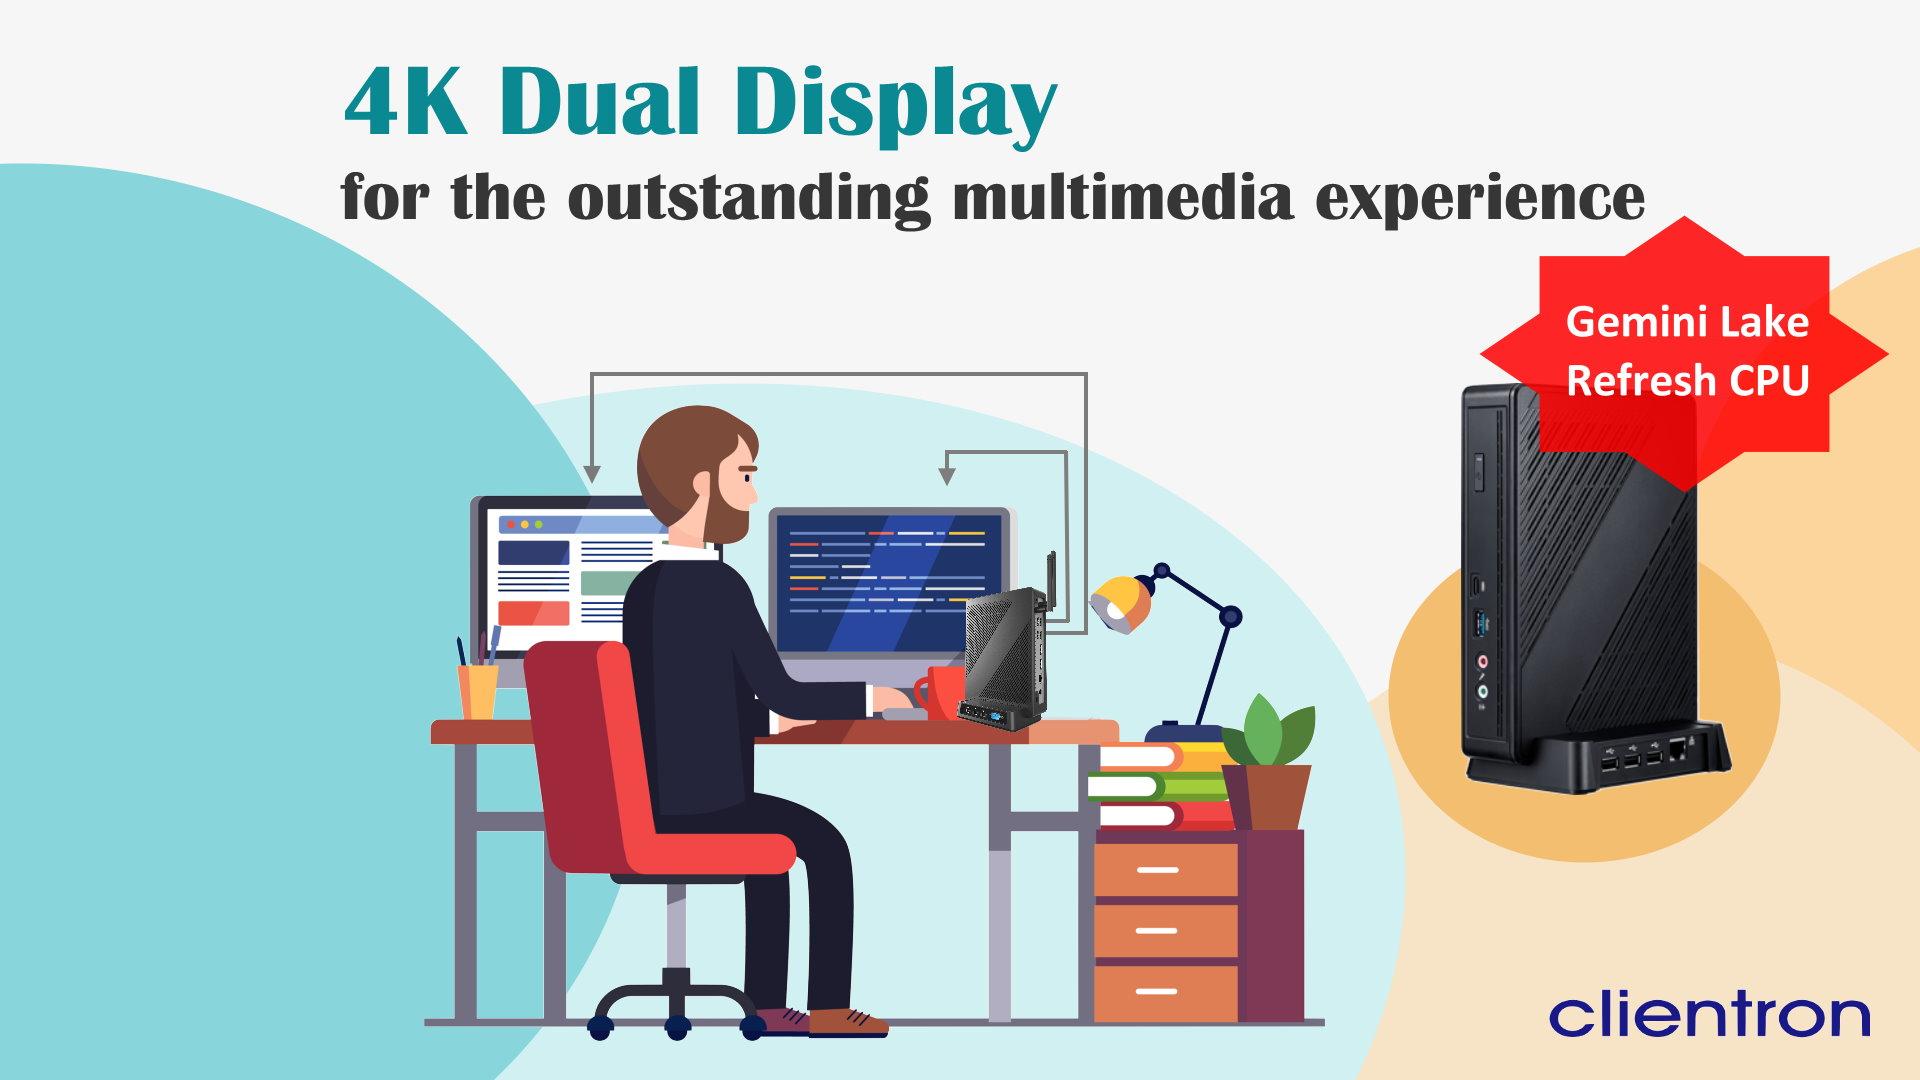 Clientron 4K dual displlay thin client S810